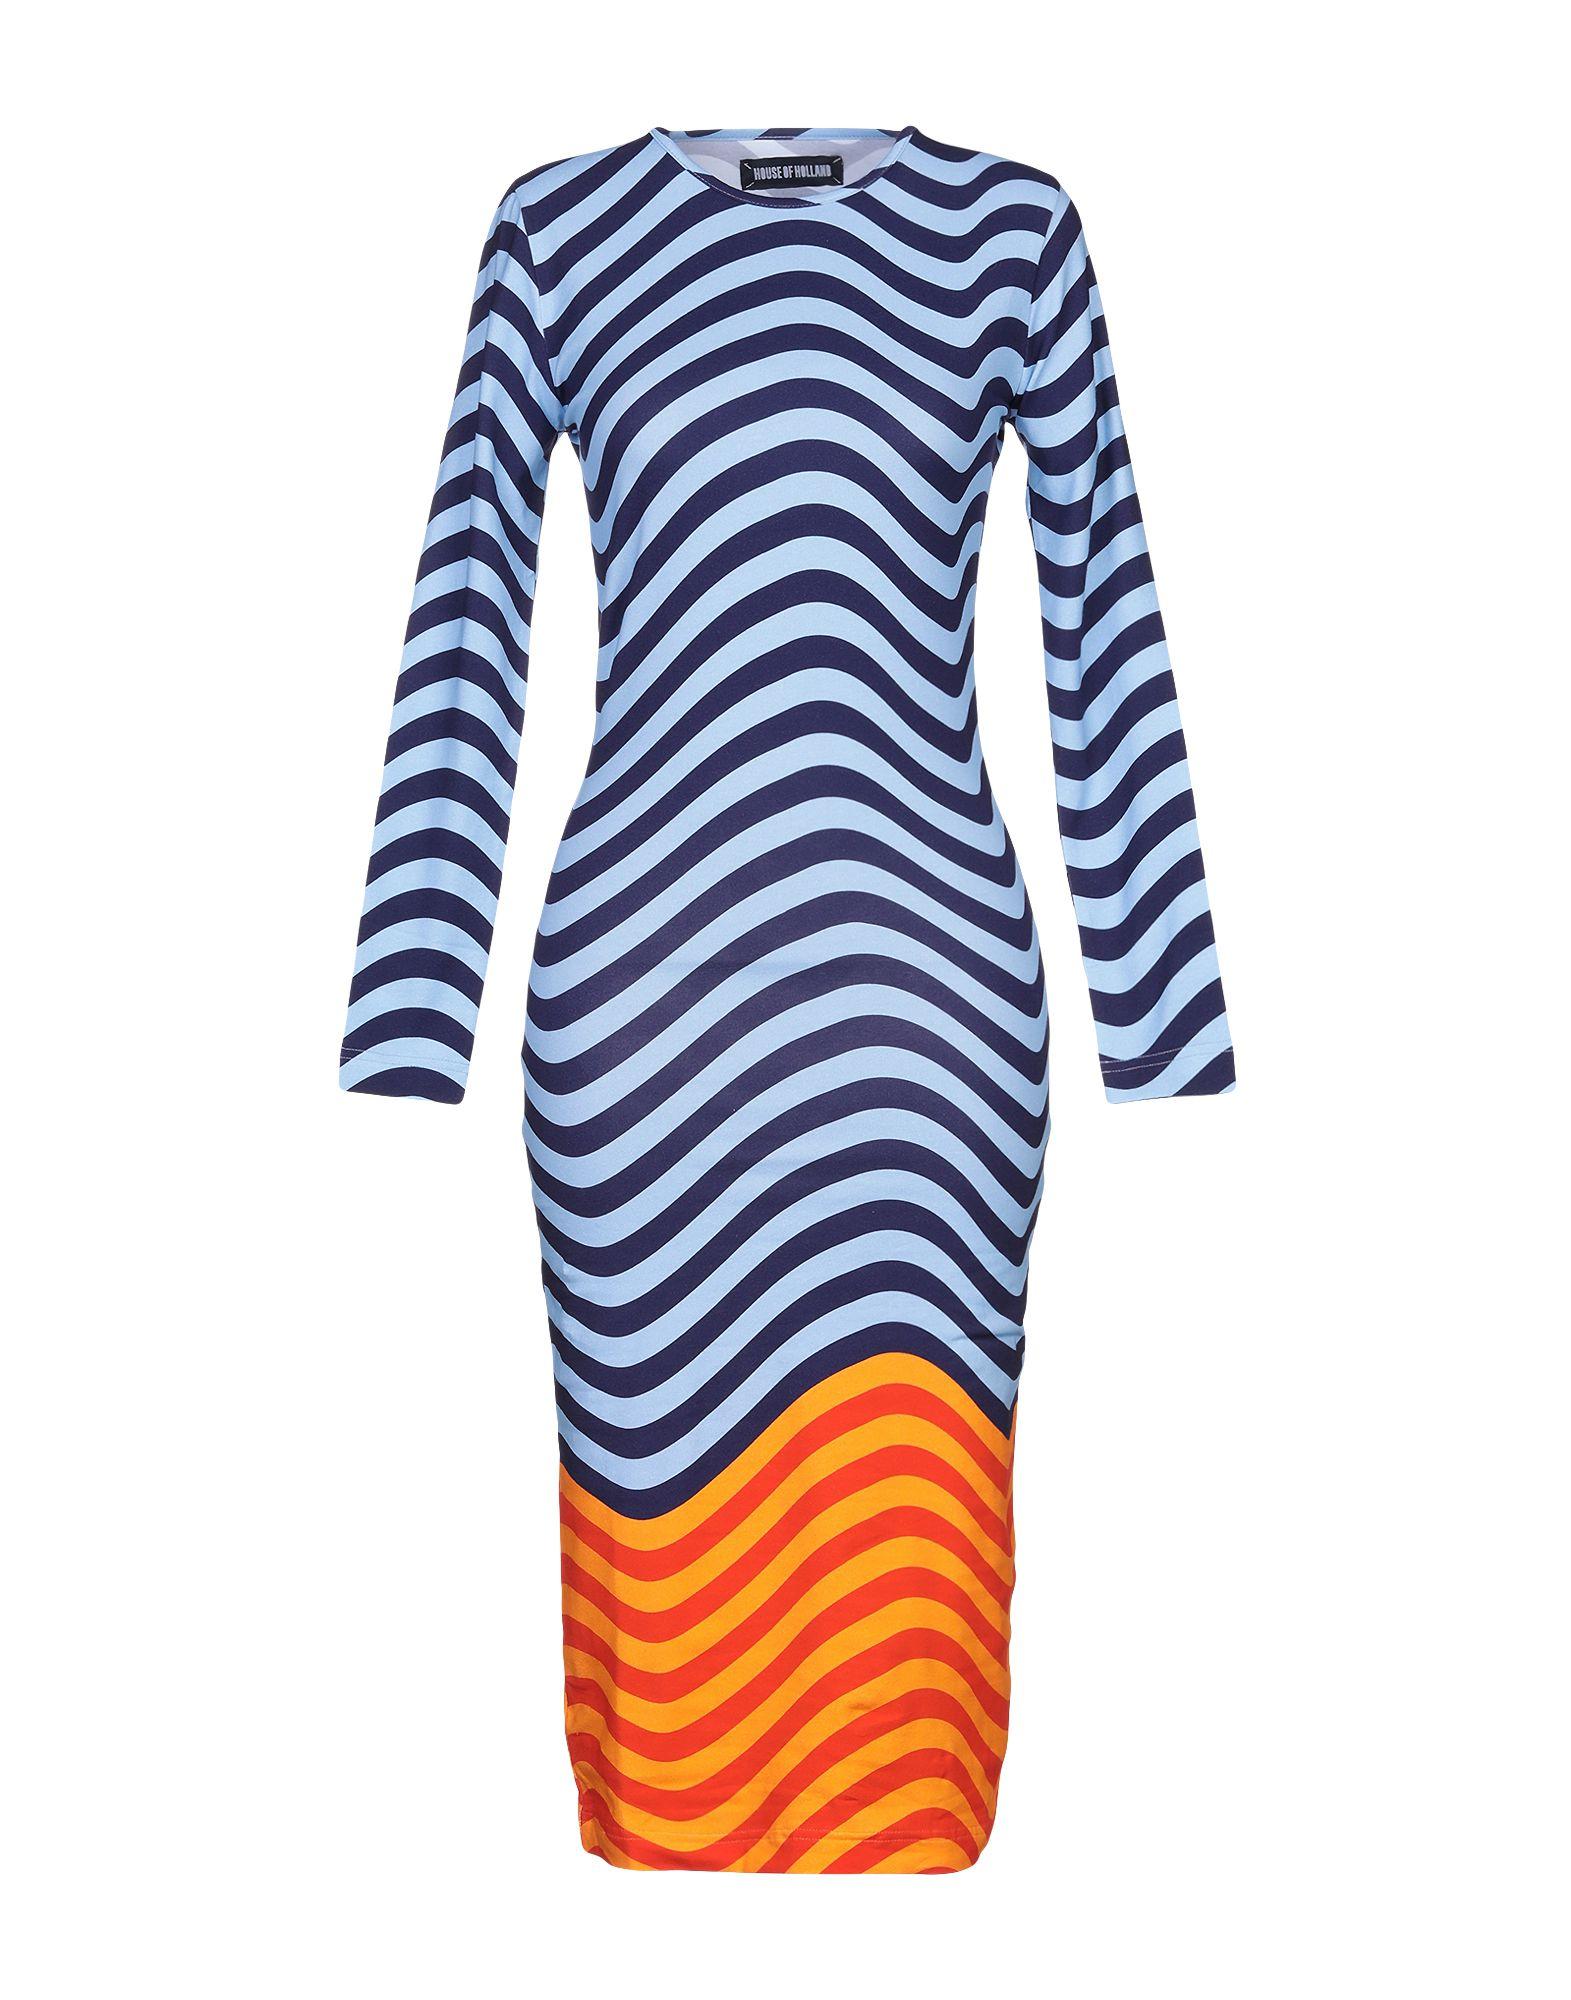 HOUSE OF HOLLAND Платье длиной 3/4 недорго, оригинальная цена